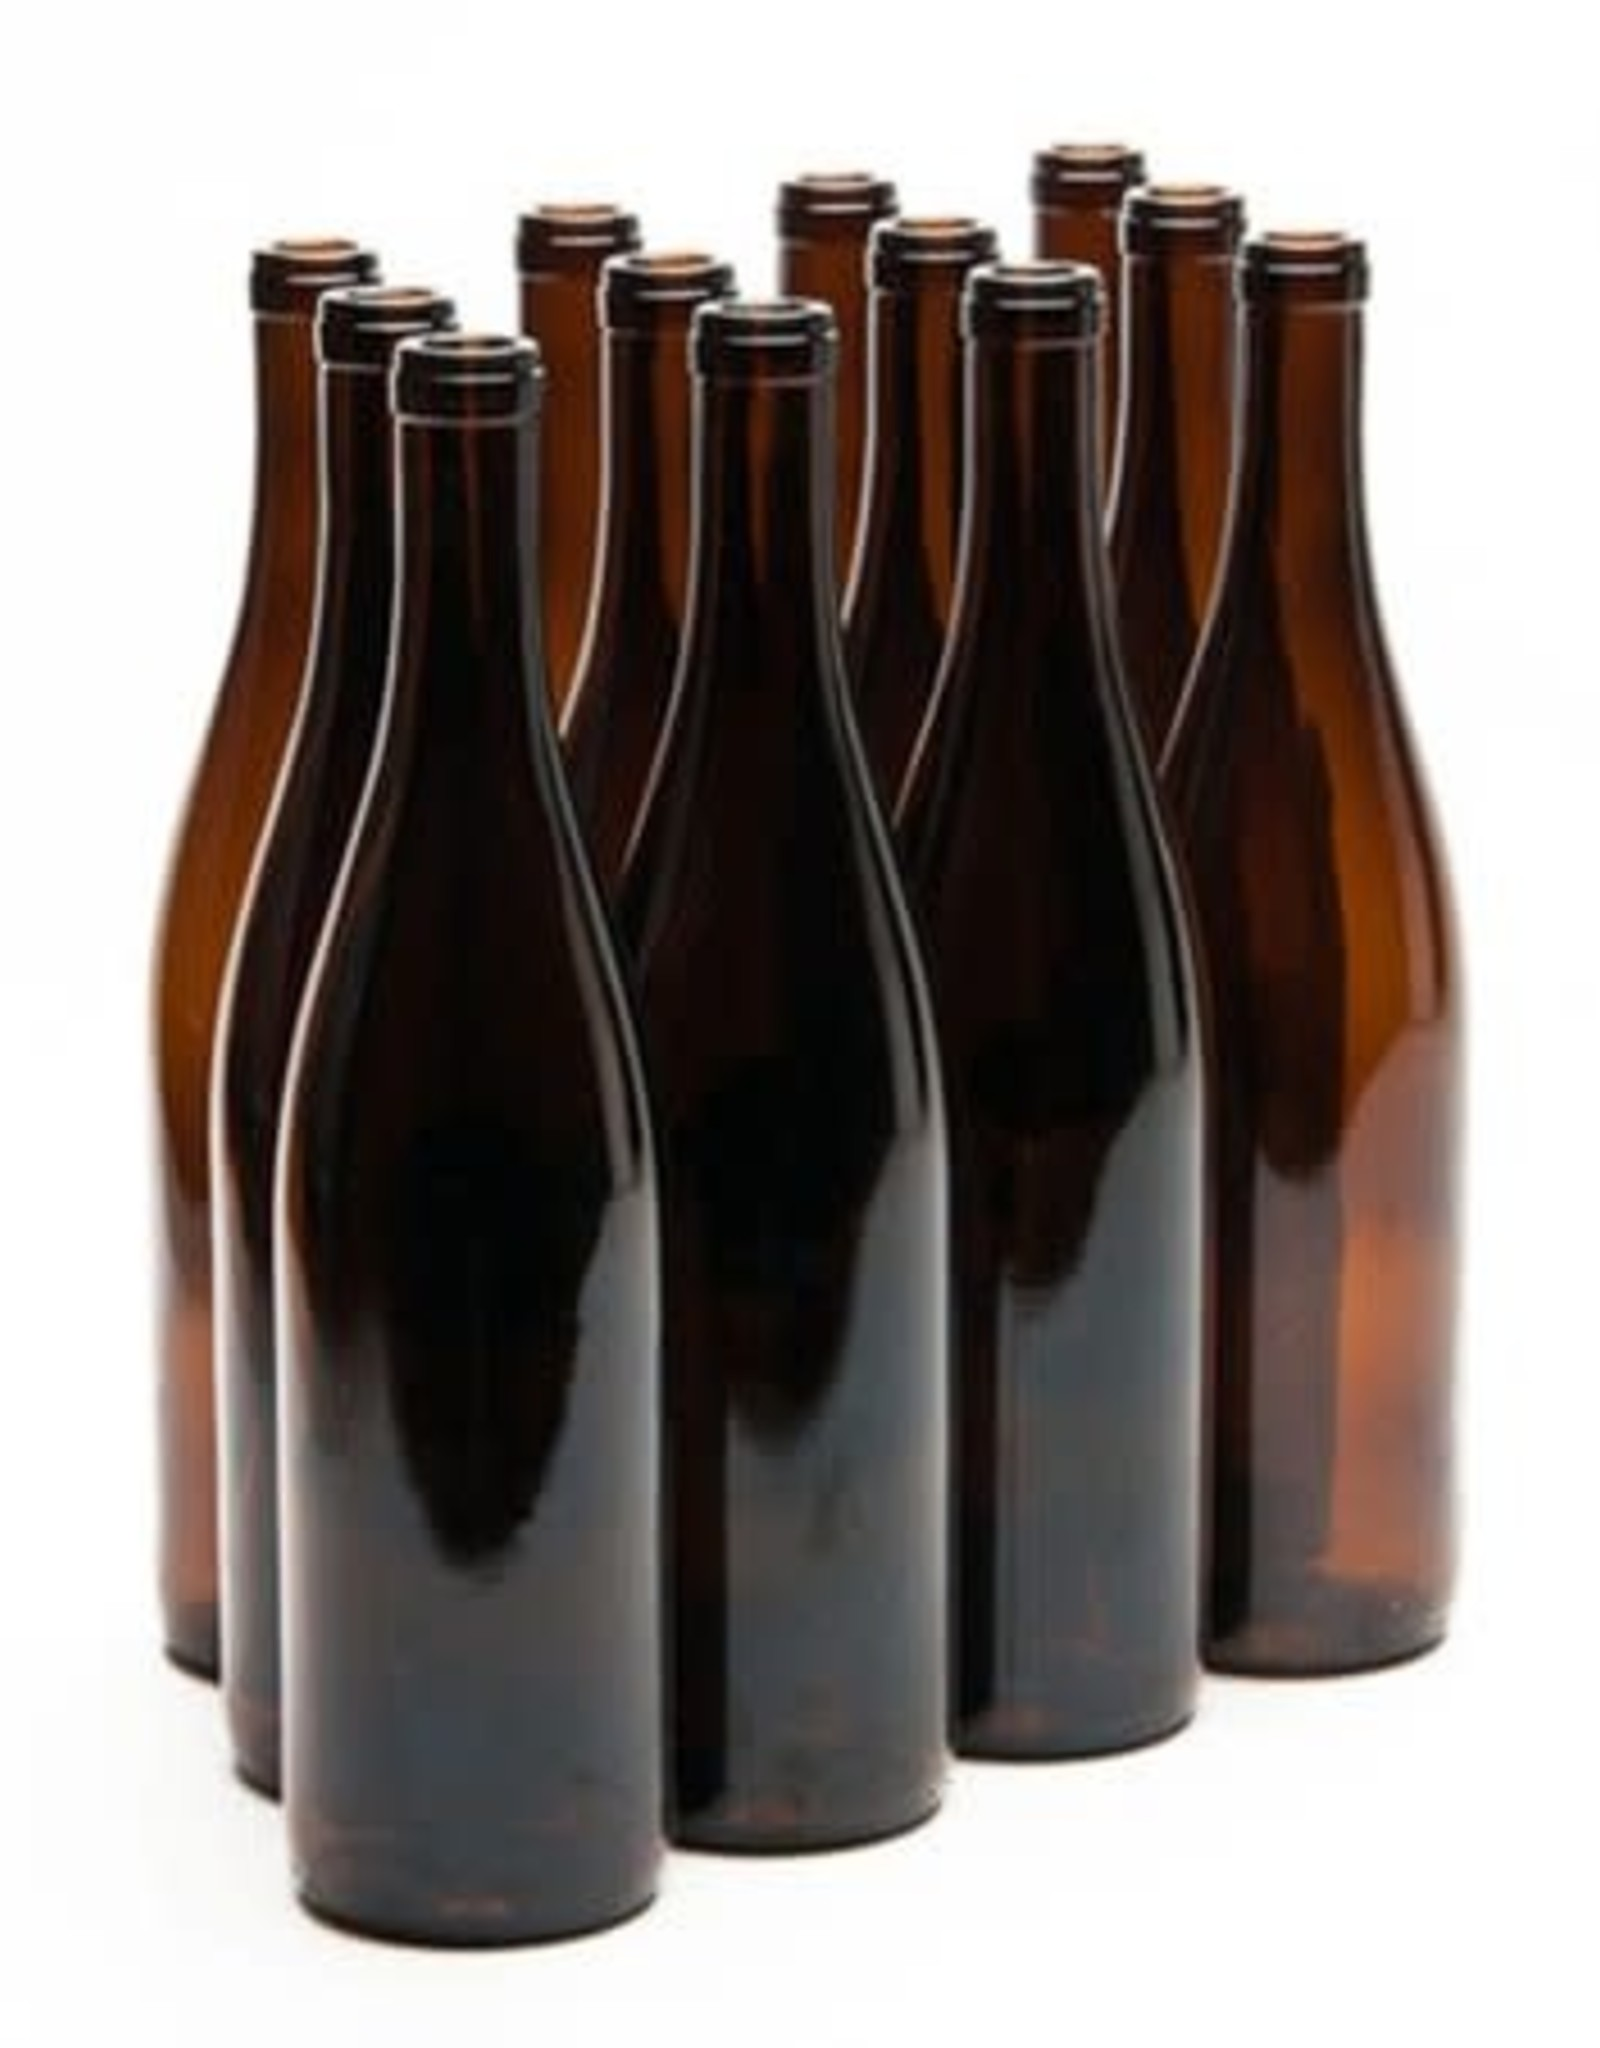 750 ml  AMBER CALIFORNIA HOCK WINE BOTTLES